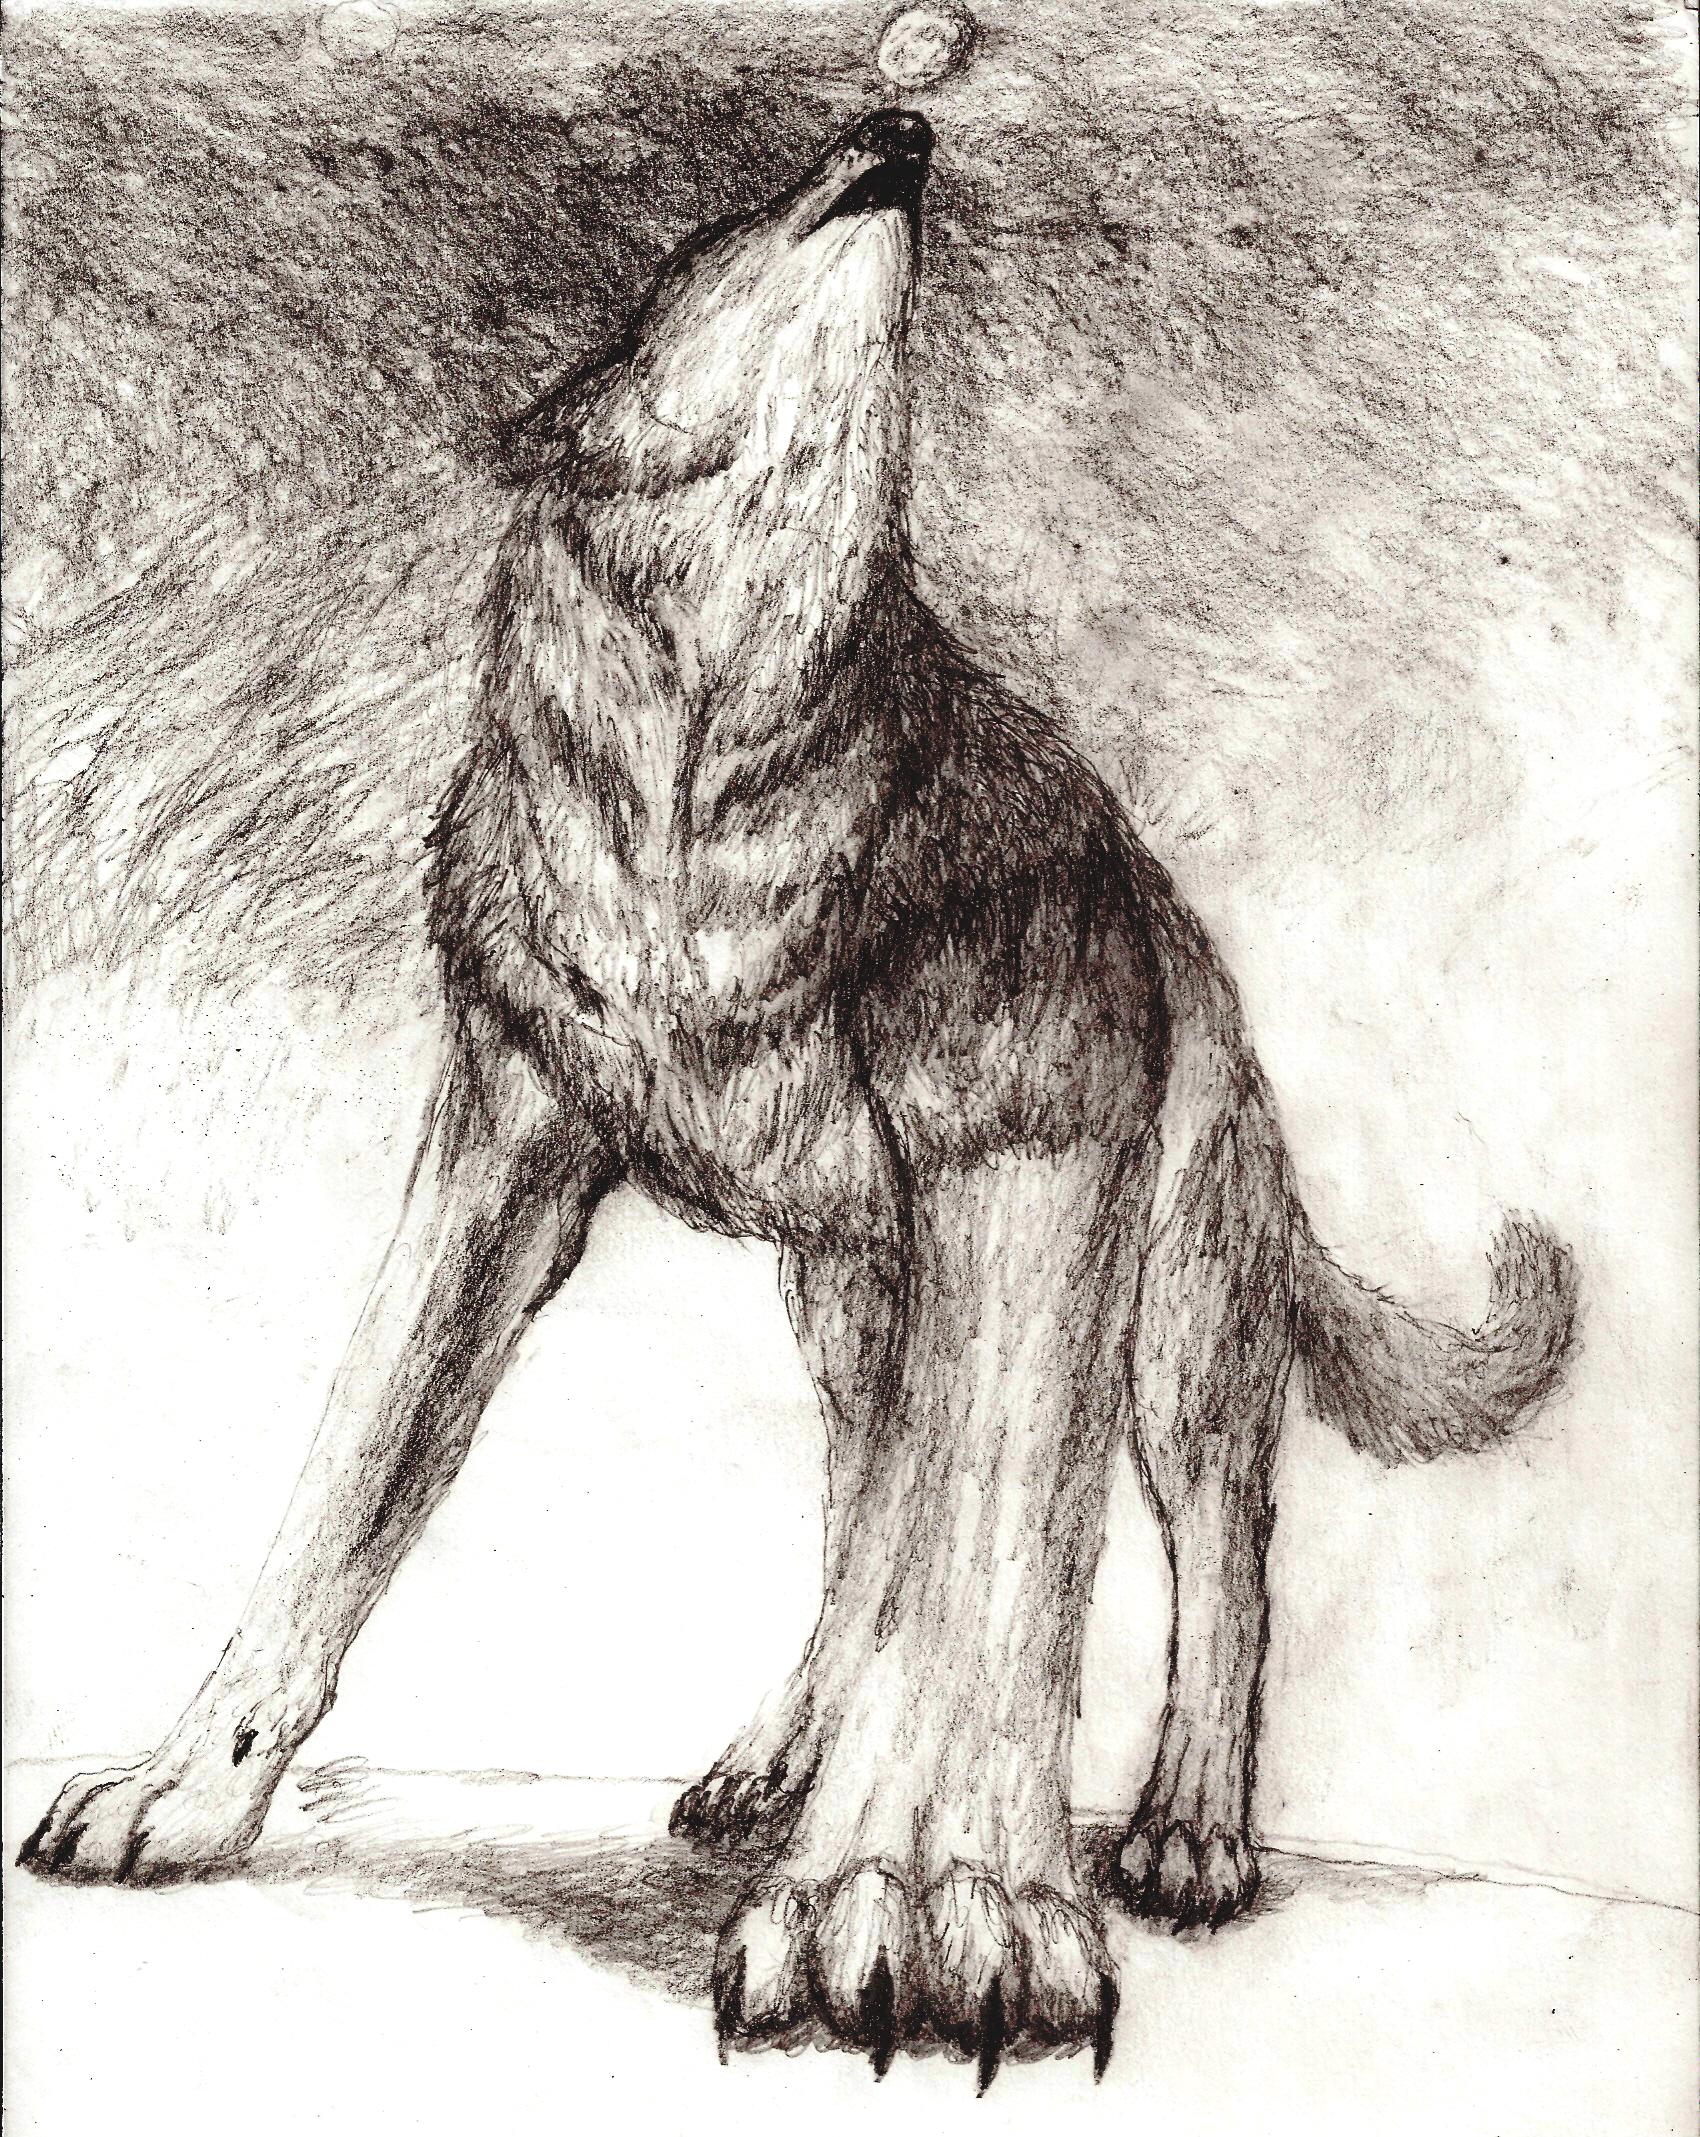 Drawn howling wolf cat Art  height=510]http://fc09 5 deviantart